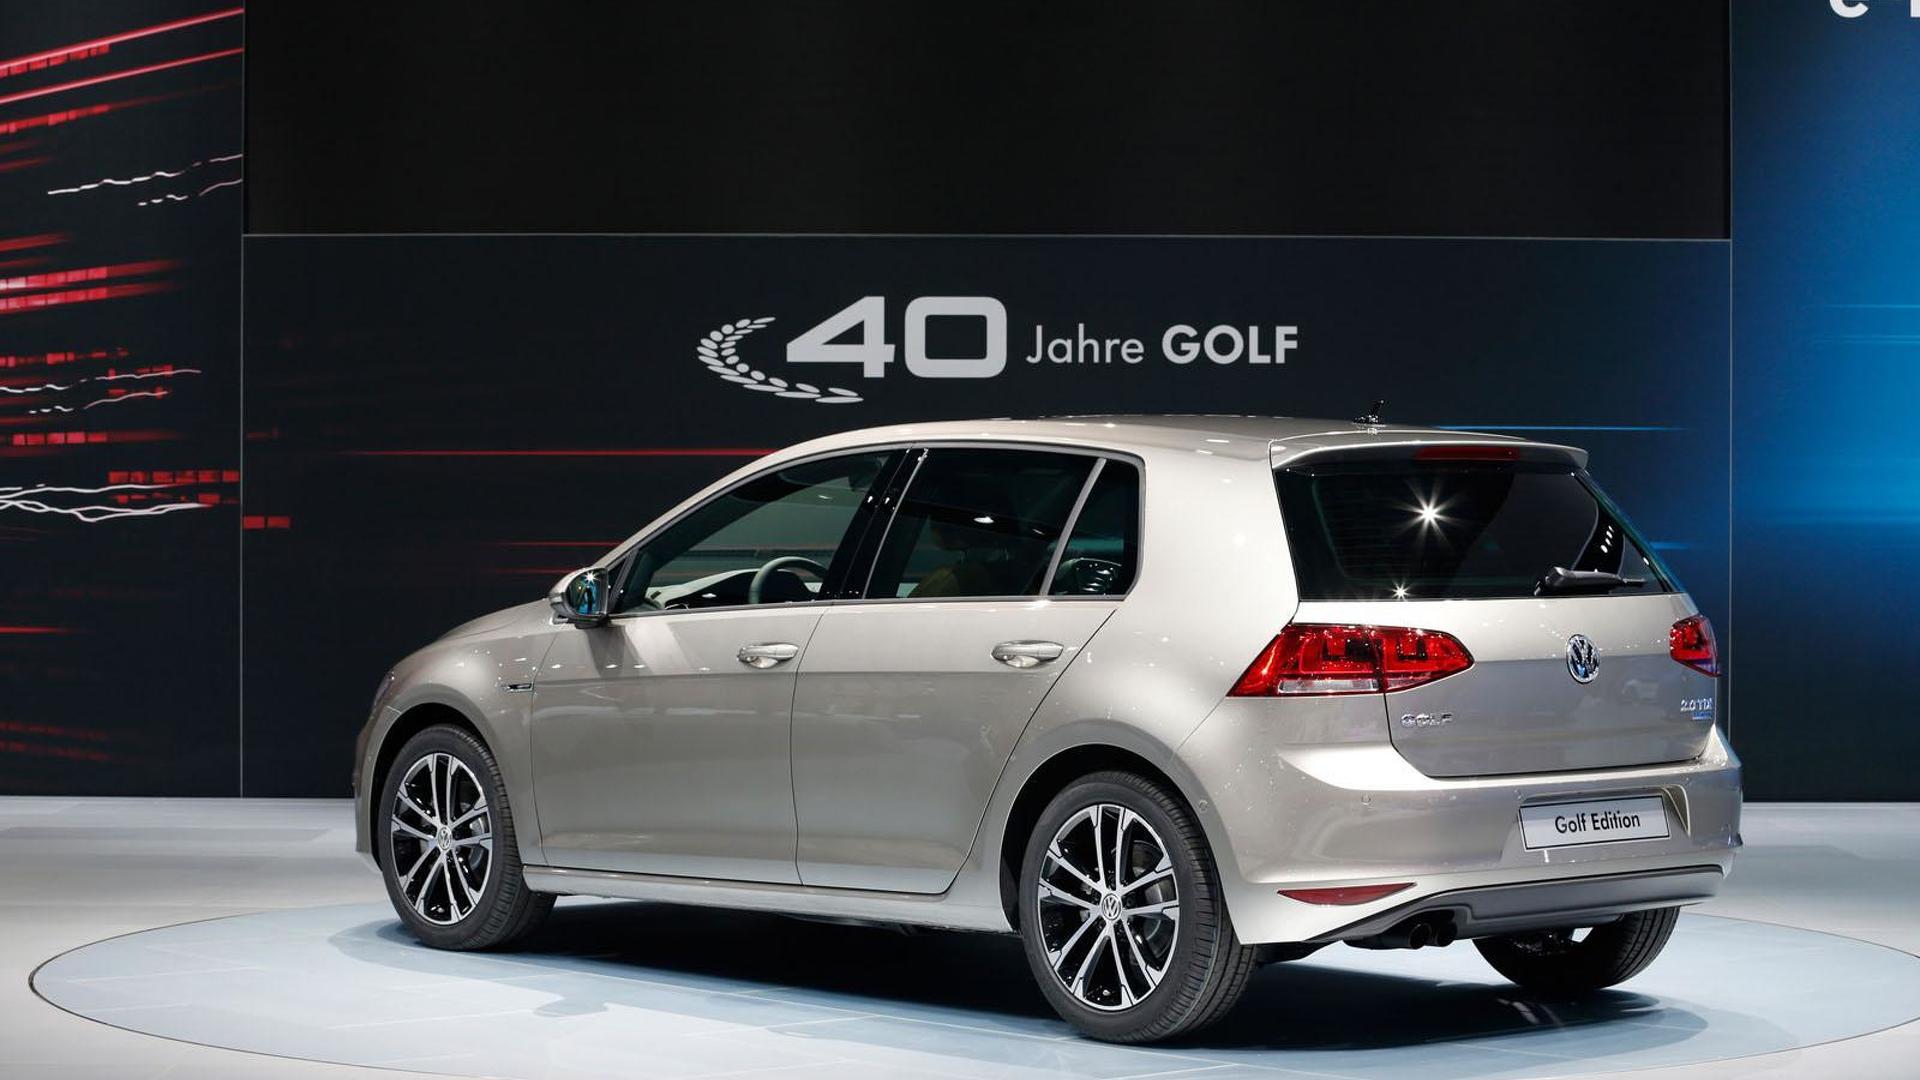 Volkswagen Golf Edition 40 Jahre